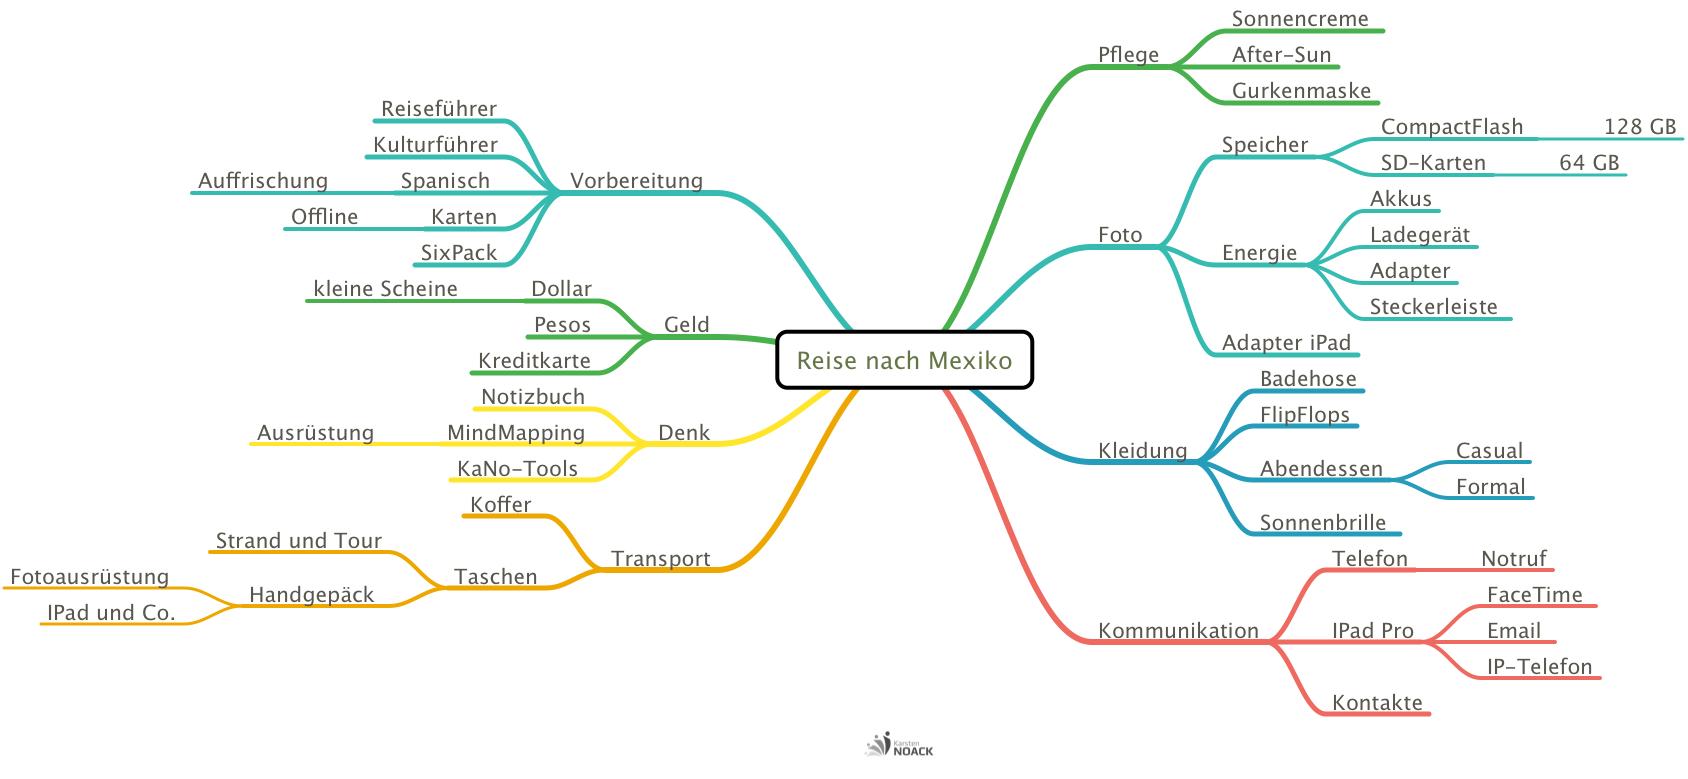 Entwurf Mind Map Reisevorbereitung - Karsten Noack